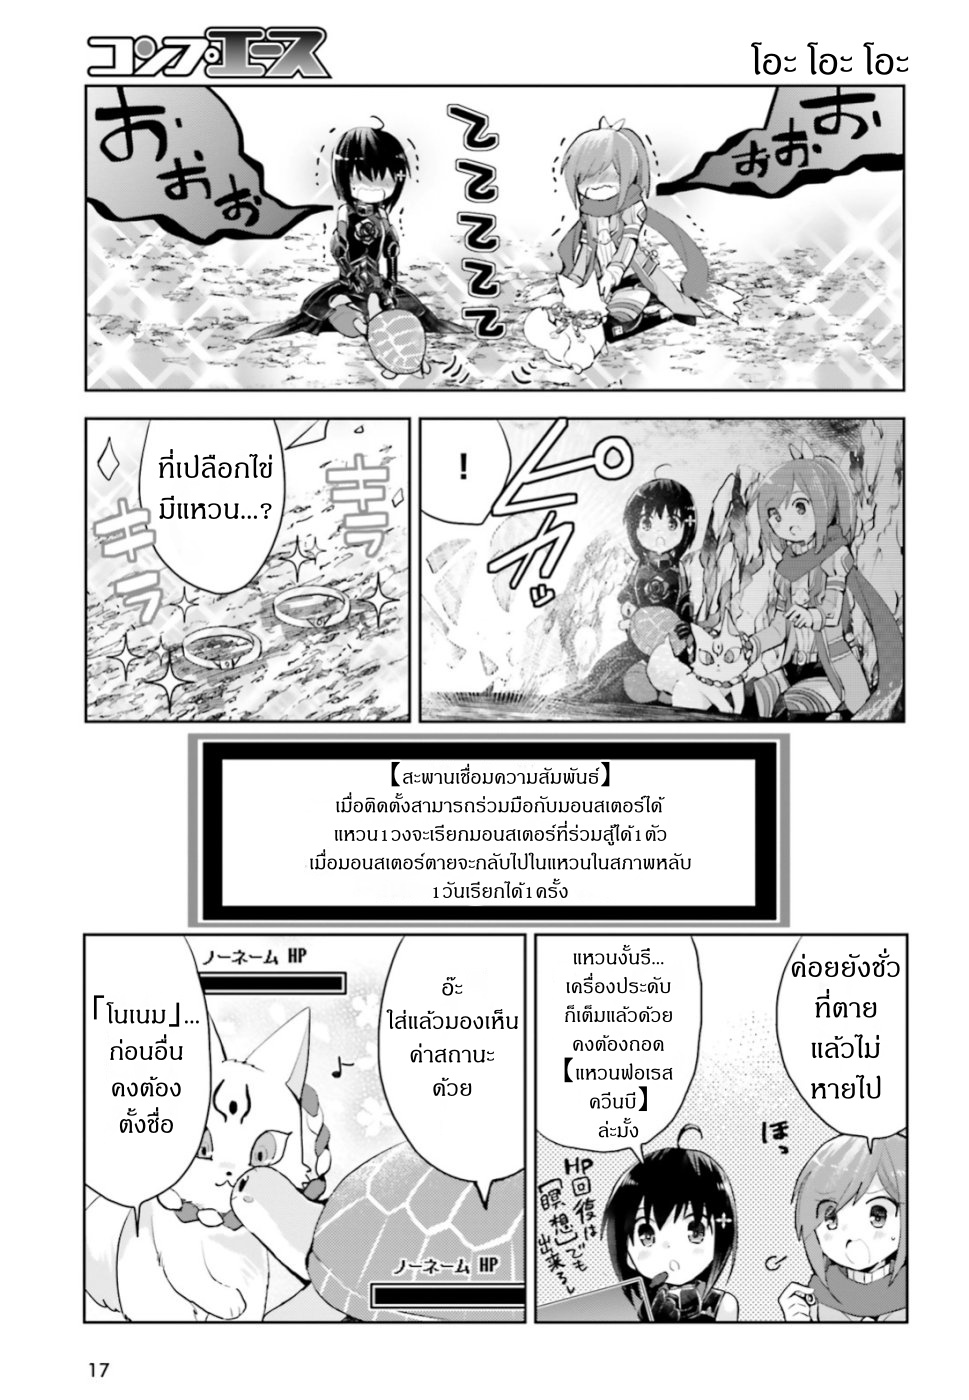 อ่านการ์ตูน Itai no wa Iya nanode Bogyo-Ryoku ni Kyokufuri Shitai to Omoimasu ตอนที่ 13 หน้าที่ 9